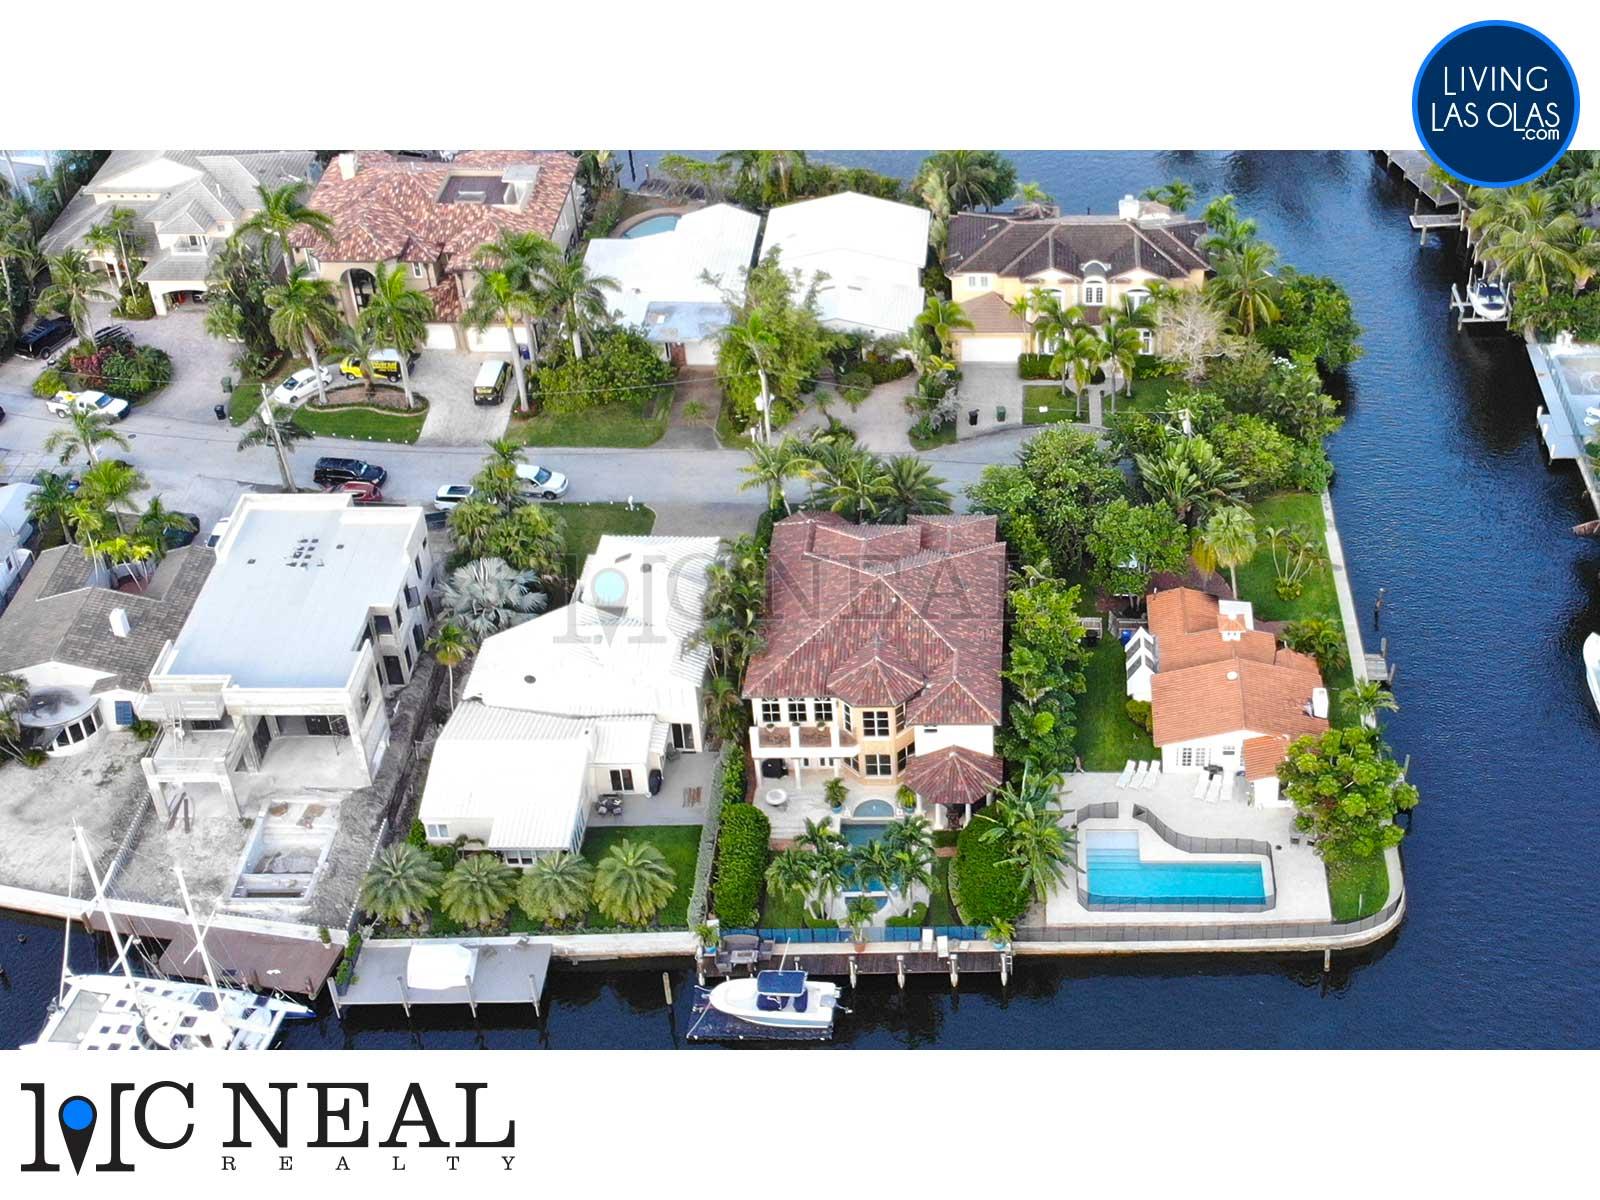 Navarro Isle Homes Real Estate Las Olas Isles 11